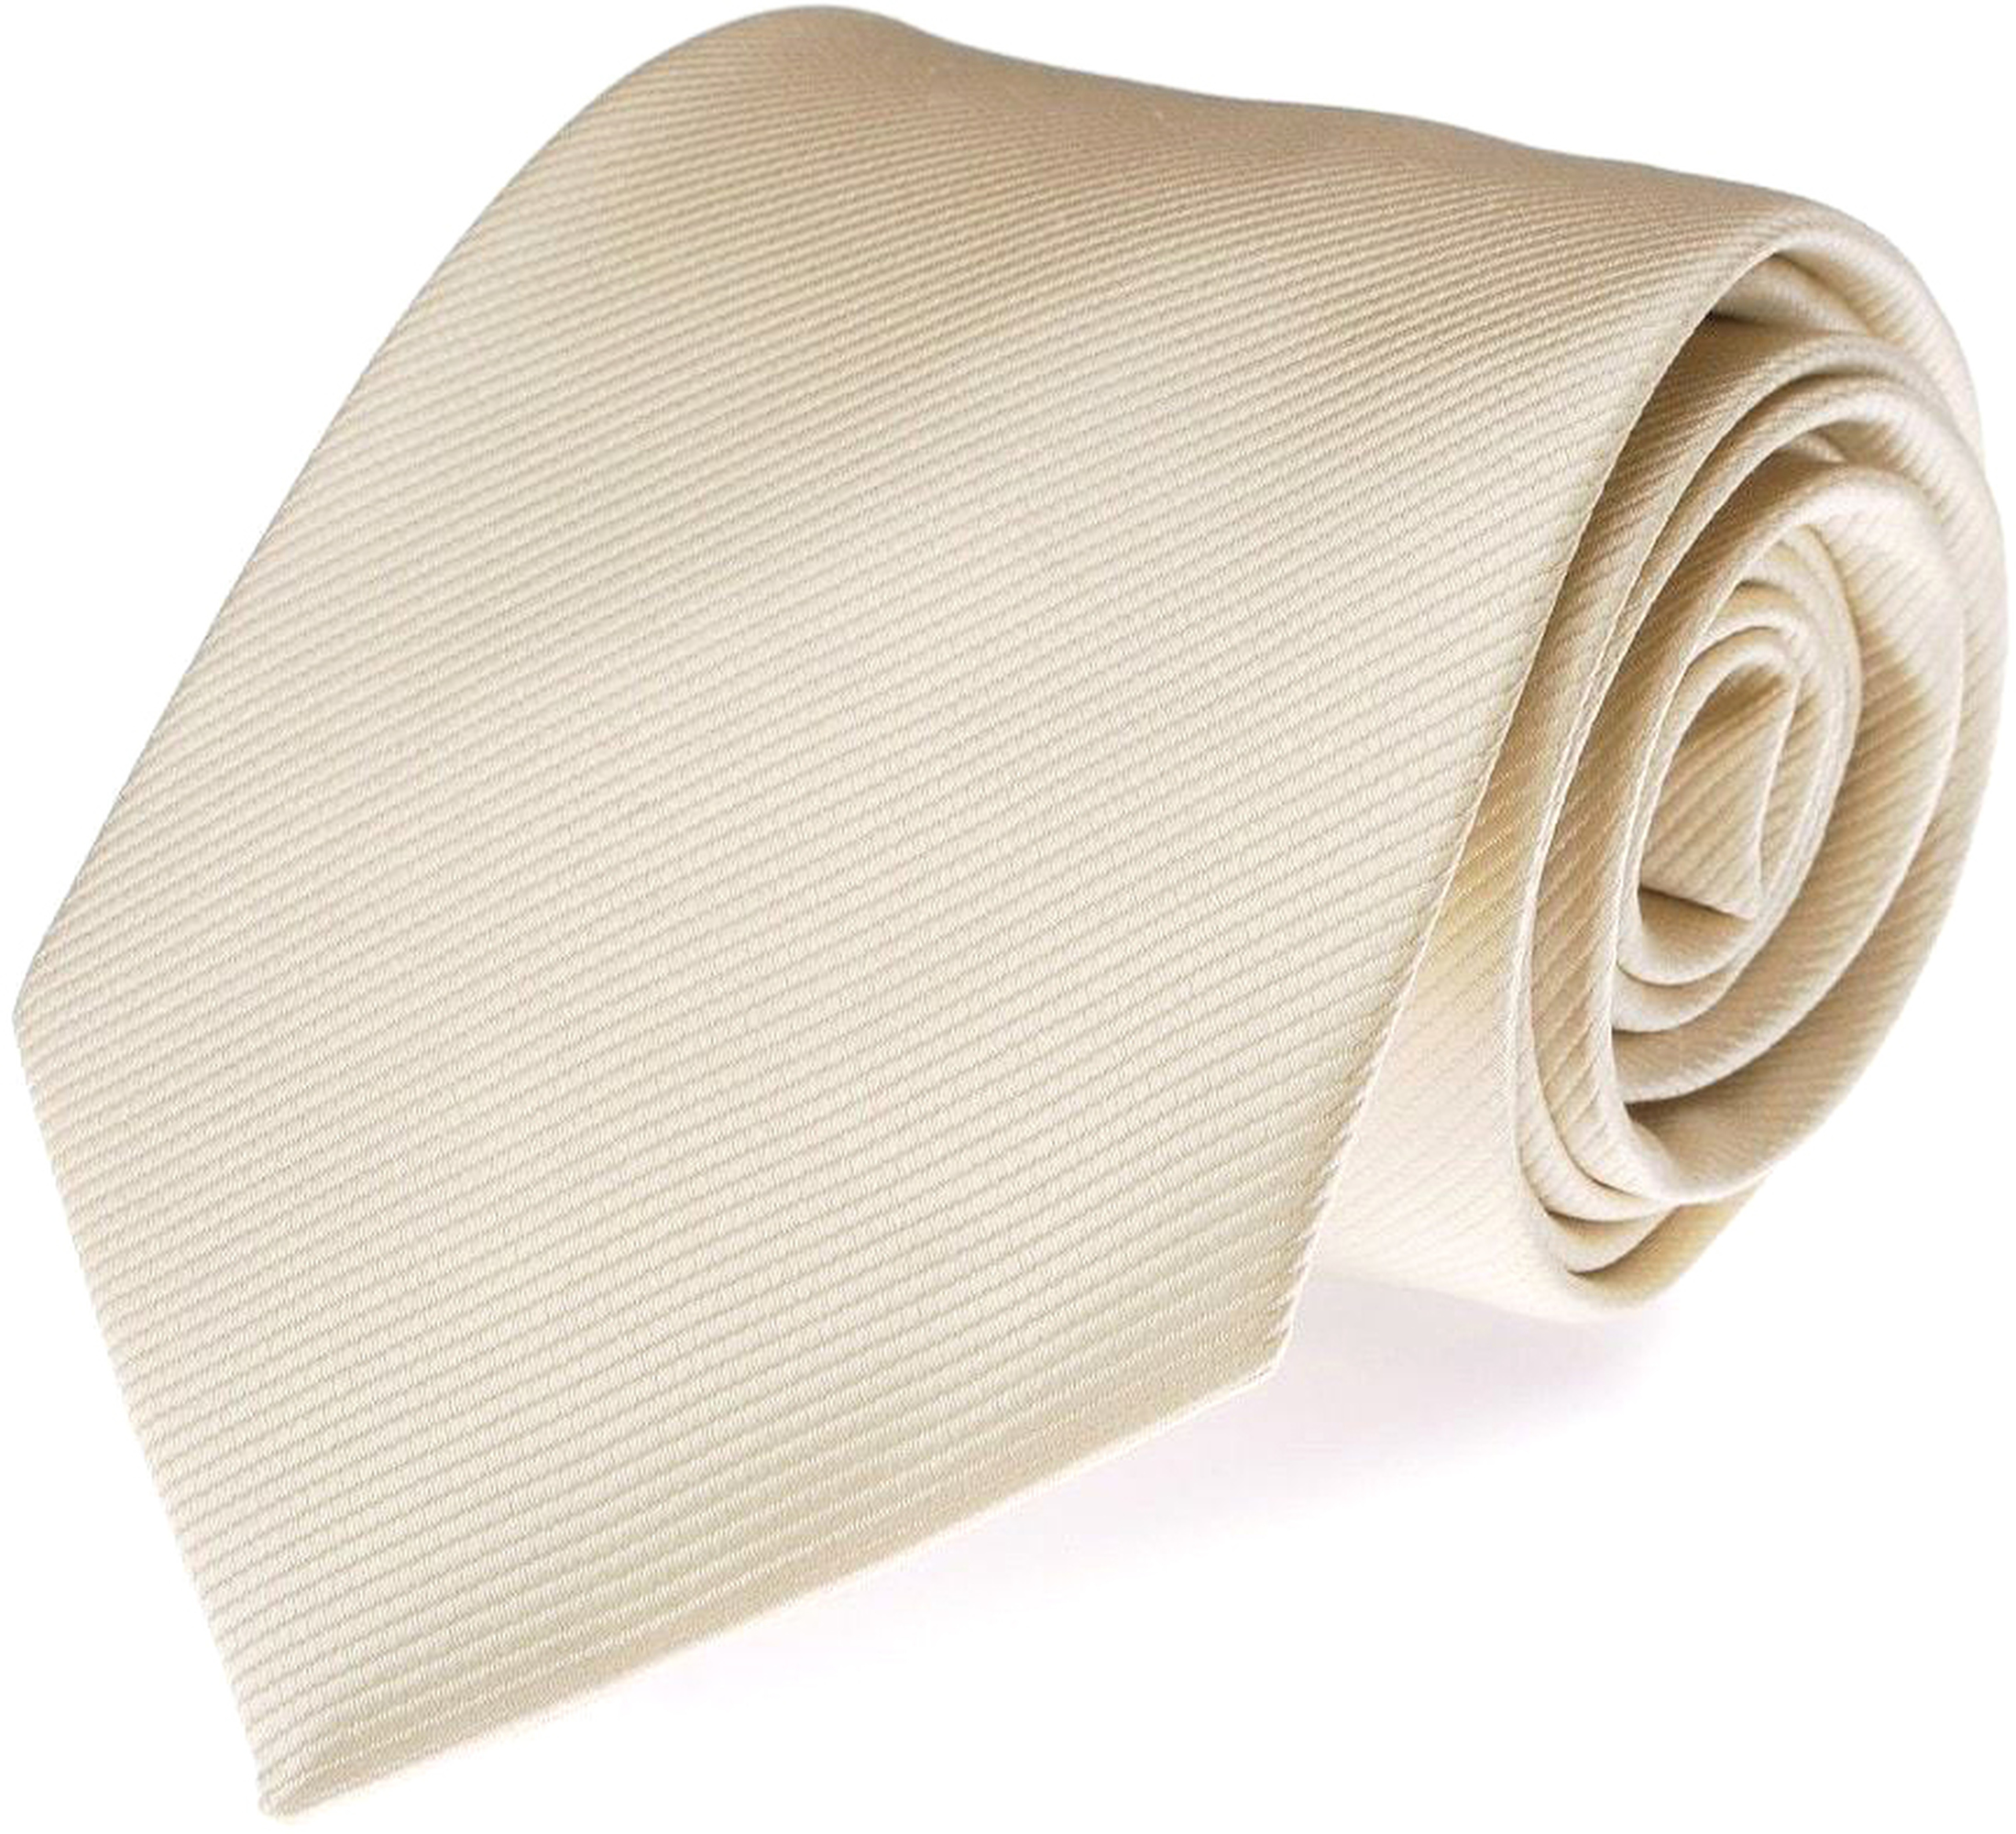 Krawatte Seide Off-White Uni F09 foto 0